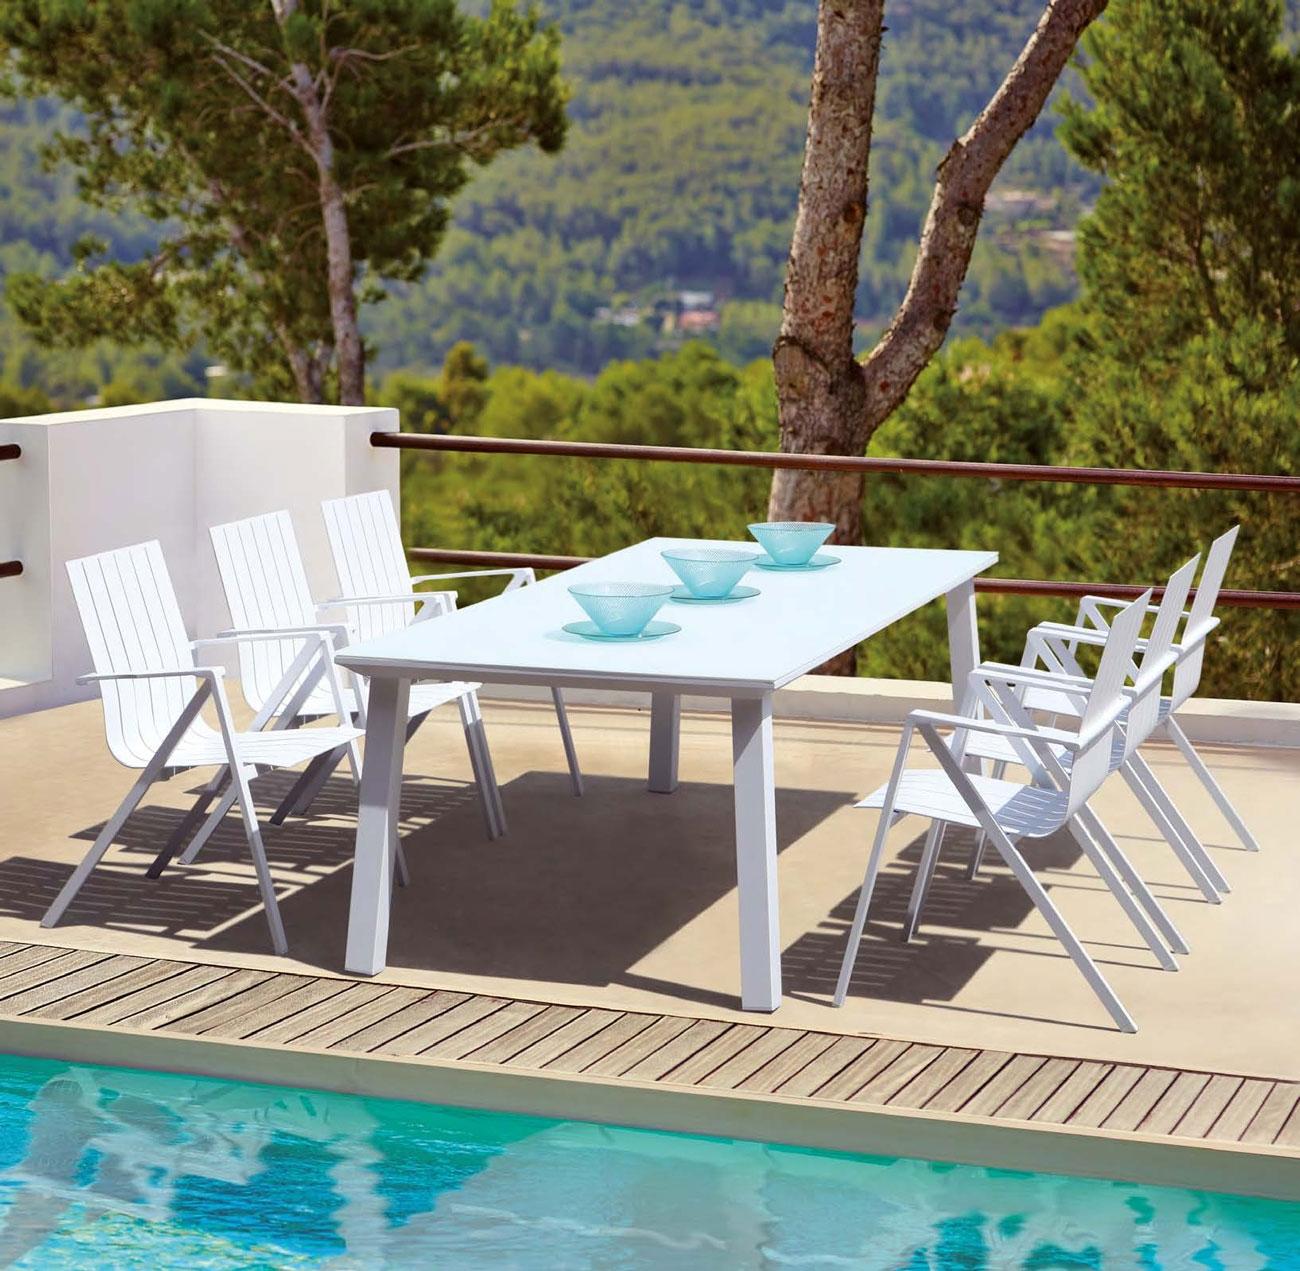 Mesa comedor para exterior o sillones SOHO - Juego de mesa y sillas para exterior modelo SOHO de Majestic Garden